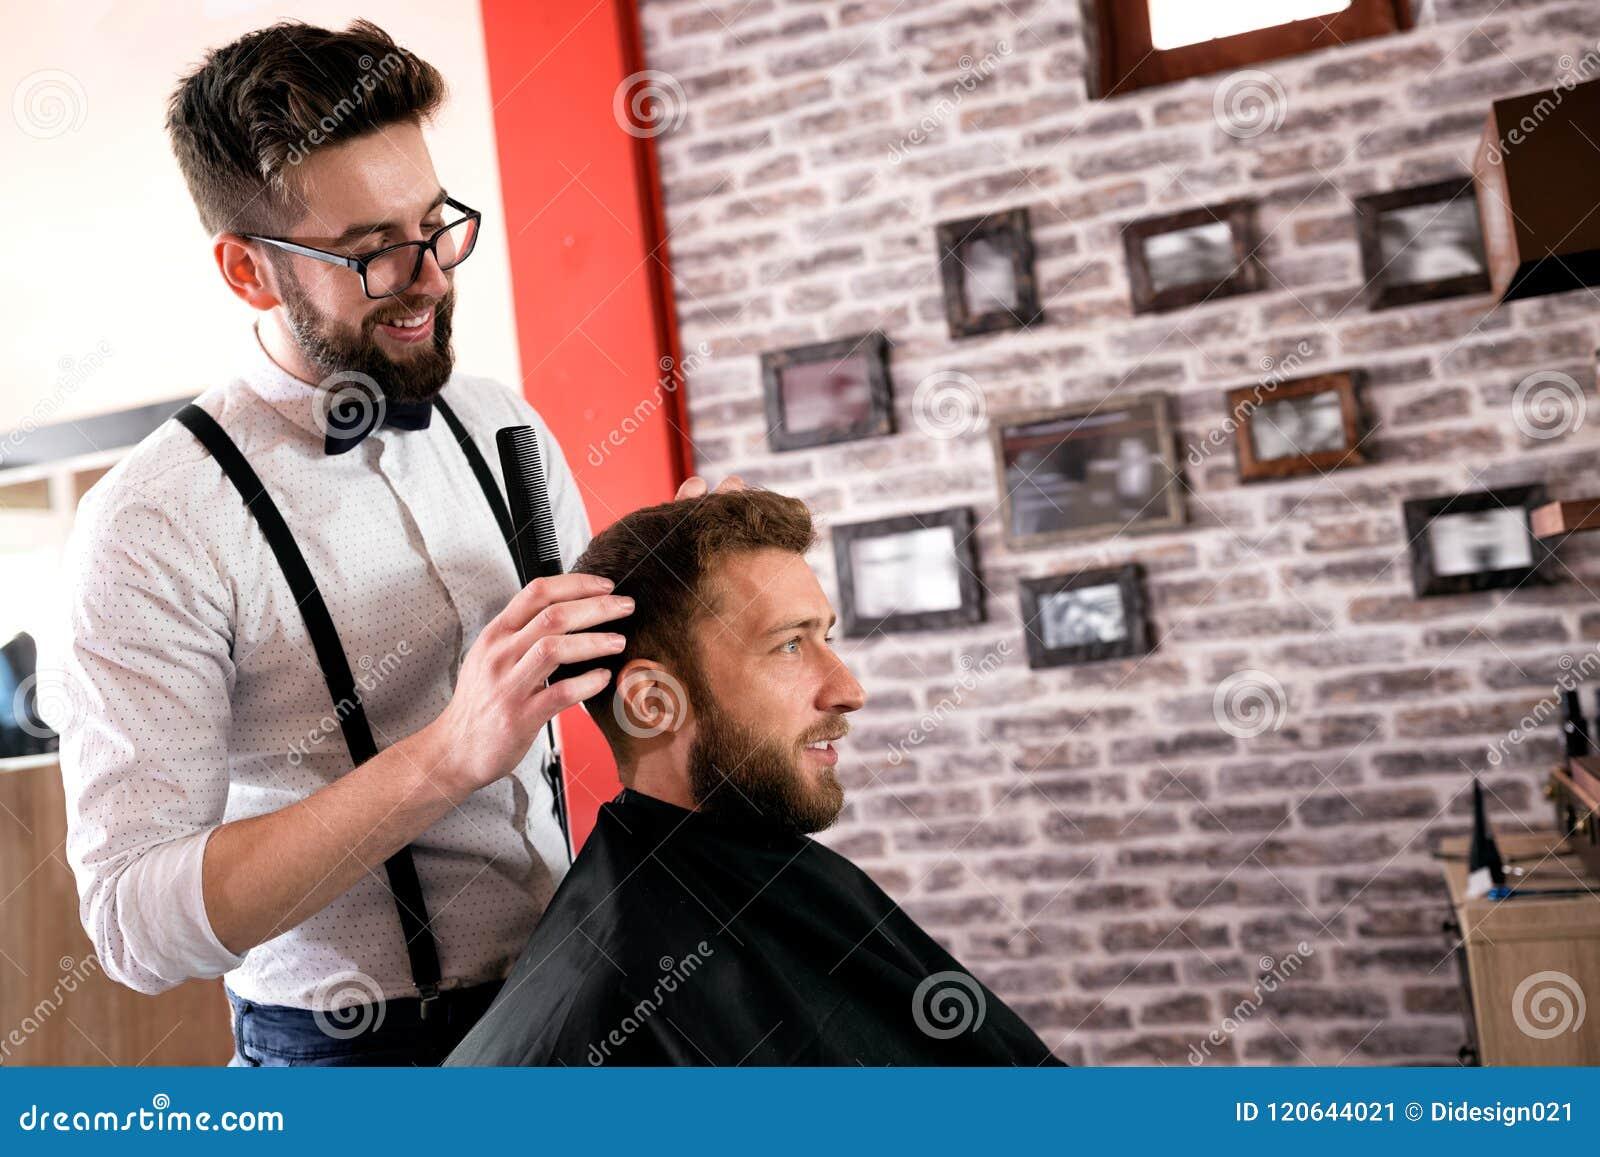 De kapper past haar aan een klant met een kam